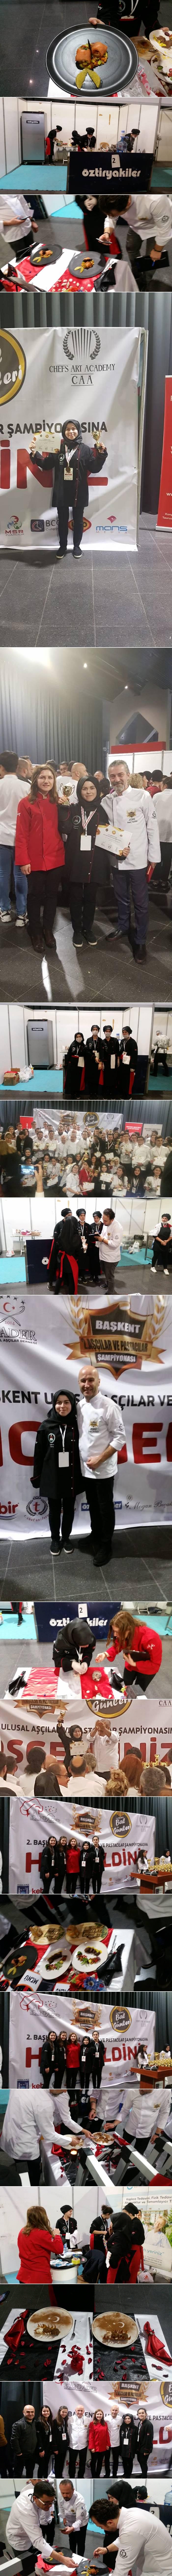 Mevlana Mesleki ve Teknik Anadolu Lisesi , bir çok prestijli okulun da katıldığı Ankara Bal Günleri kapsamında düzenlenen Başkent 2. Aşçılar ve Pastacılık Şampiyonası'na Modern Tatlı Tabağı ve En İyi Meslek Lisesi kategorisinde katıldı.